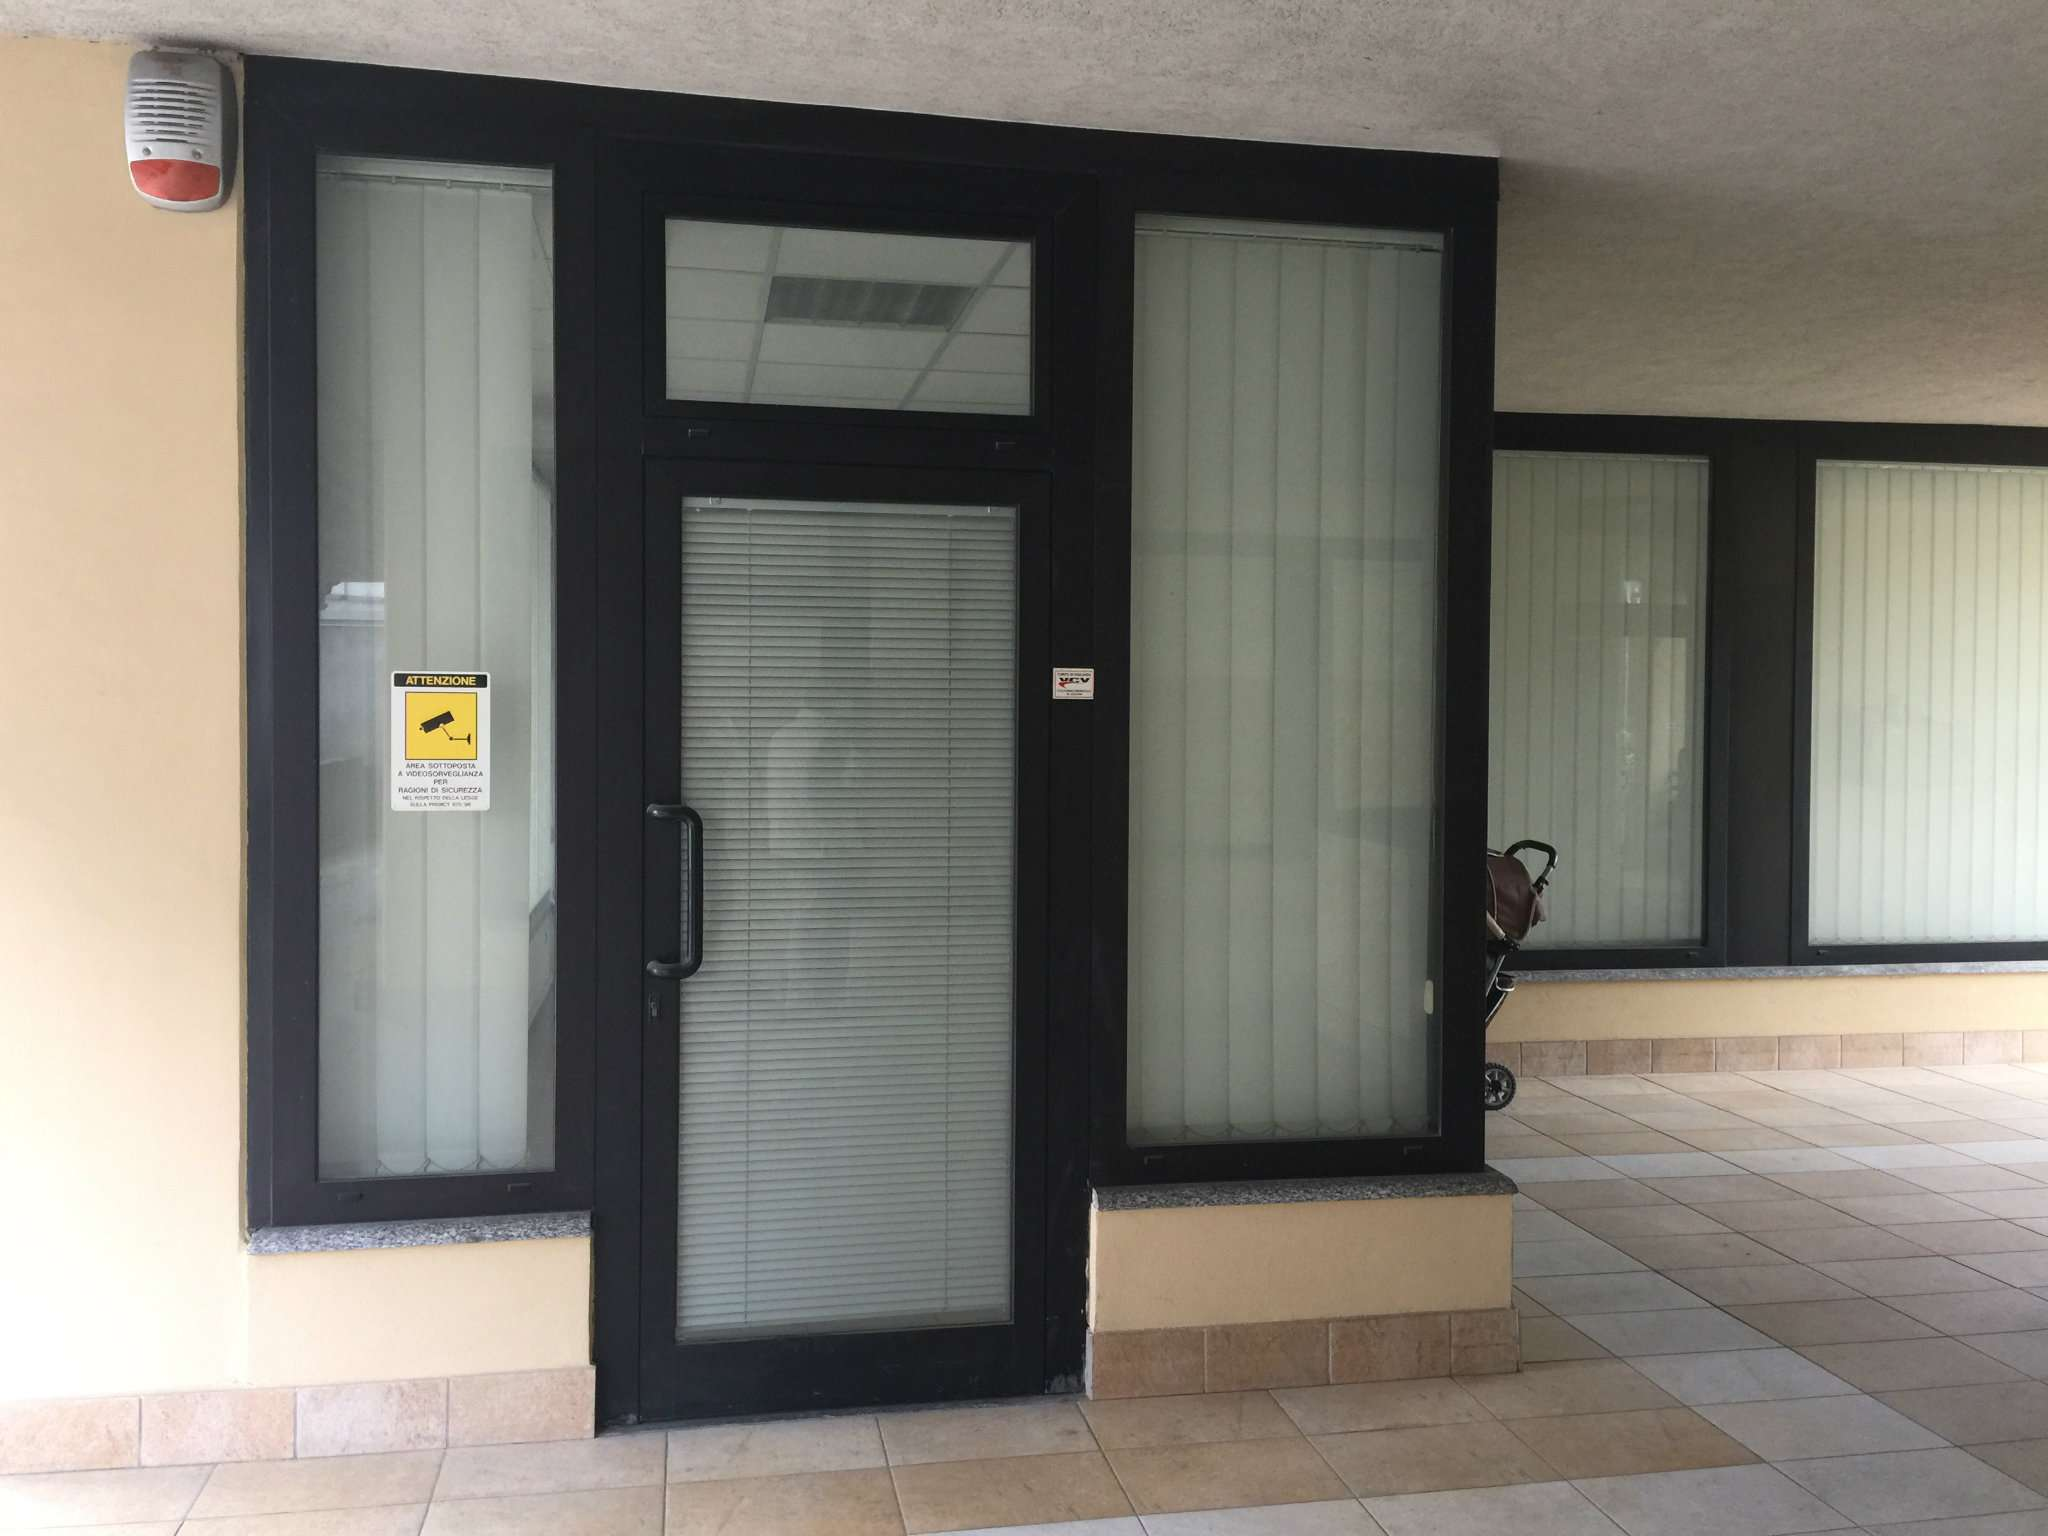 Negozio / Locale in vendita a Varese, 2 locali, prezzo € 135.000 | CambioCasa.it